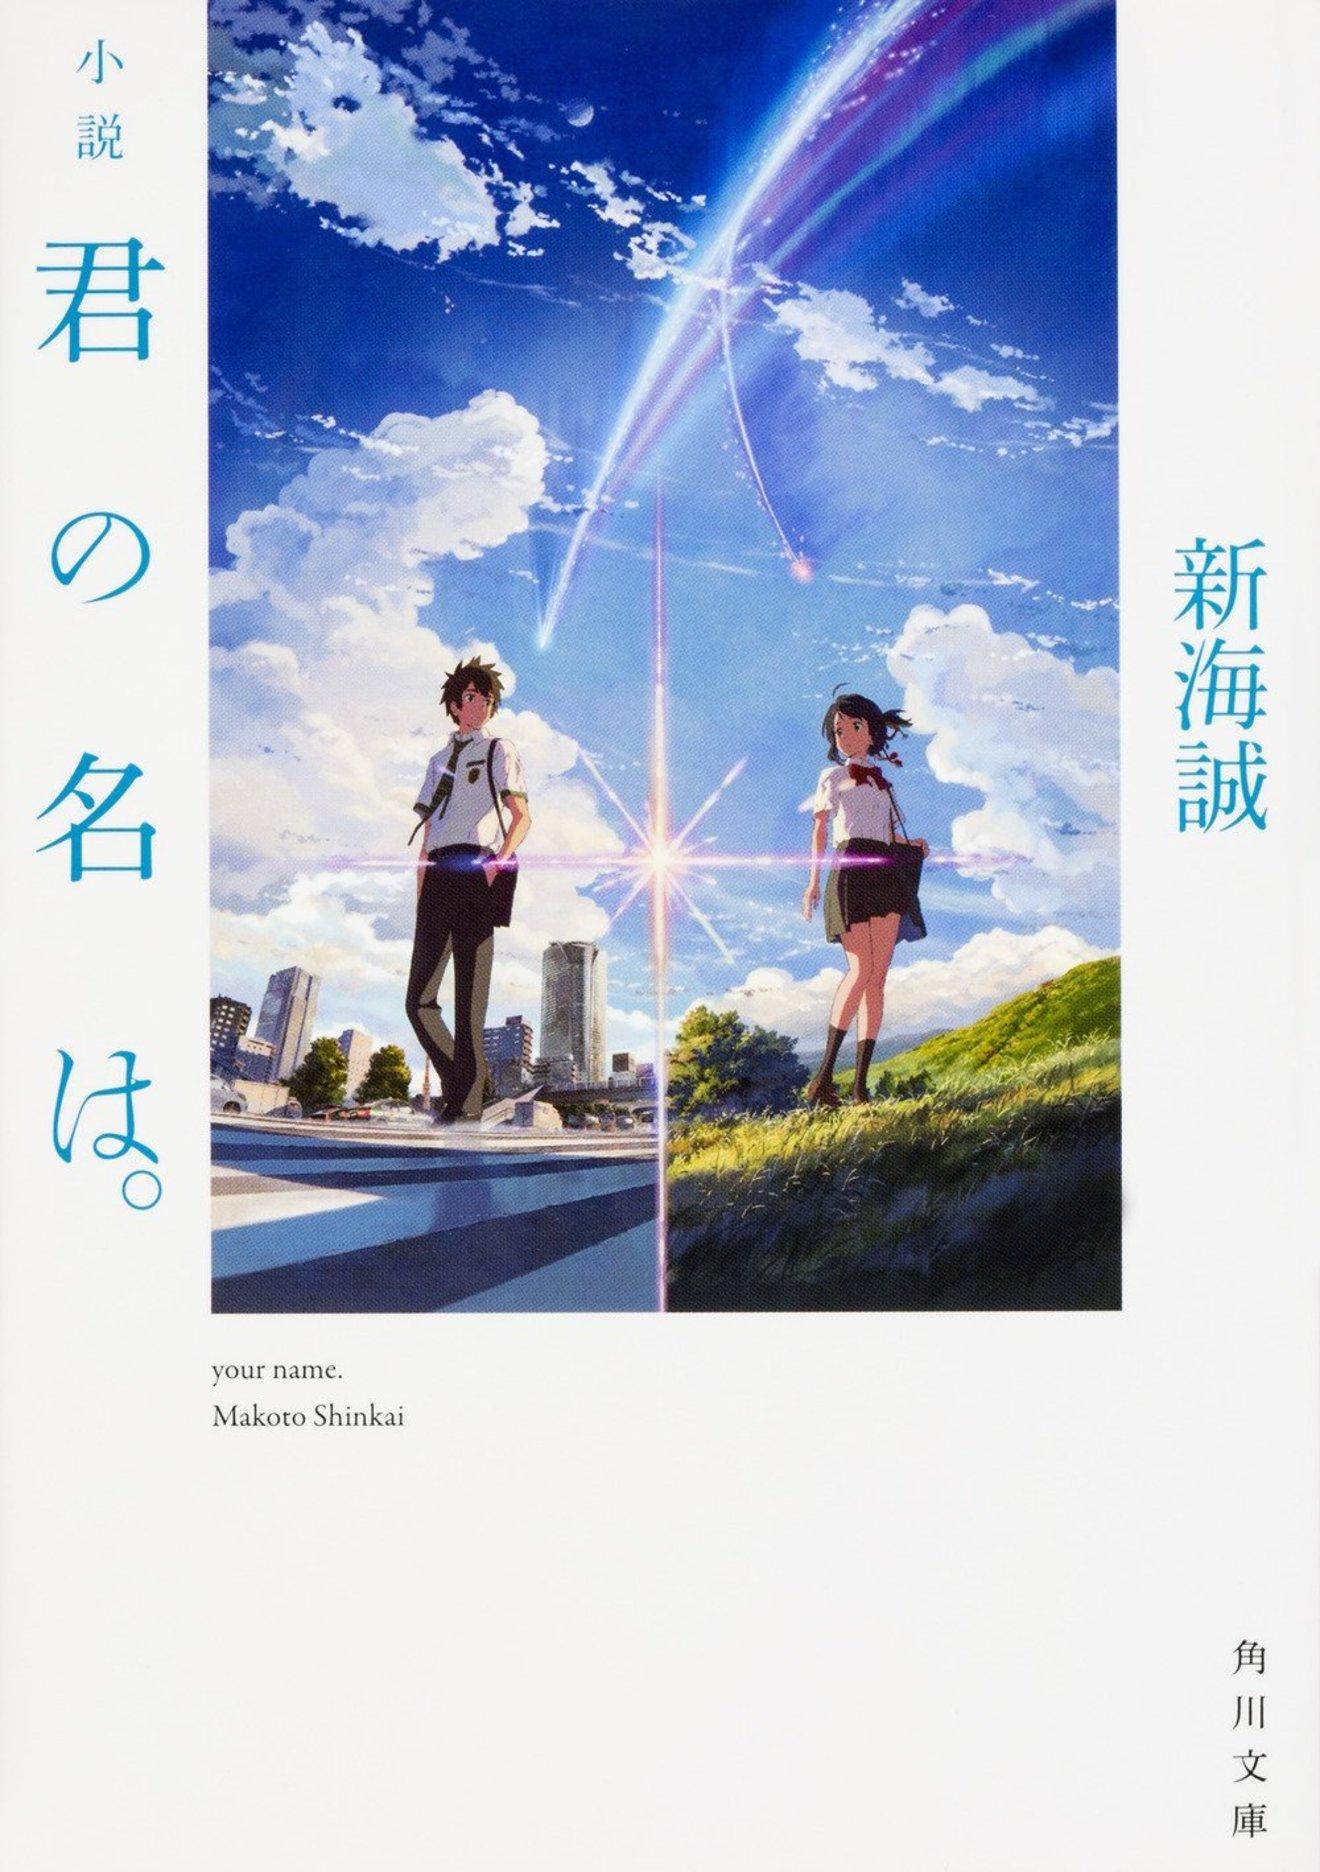 新海誠のおすすめ小説3選!『君の名は。』の映画と違う描写を楽しむ